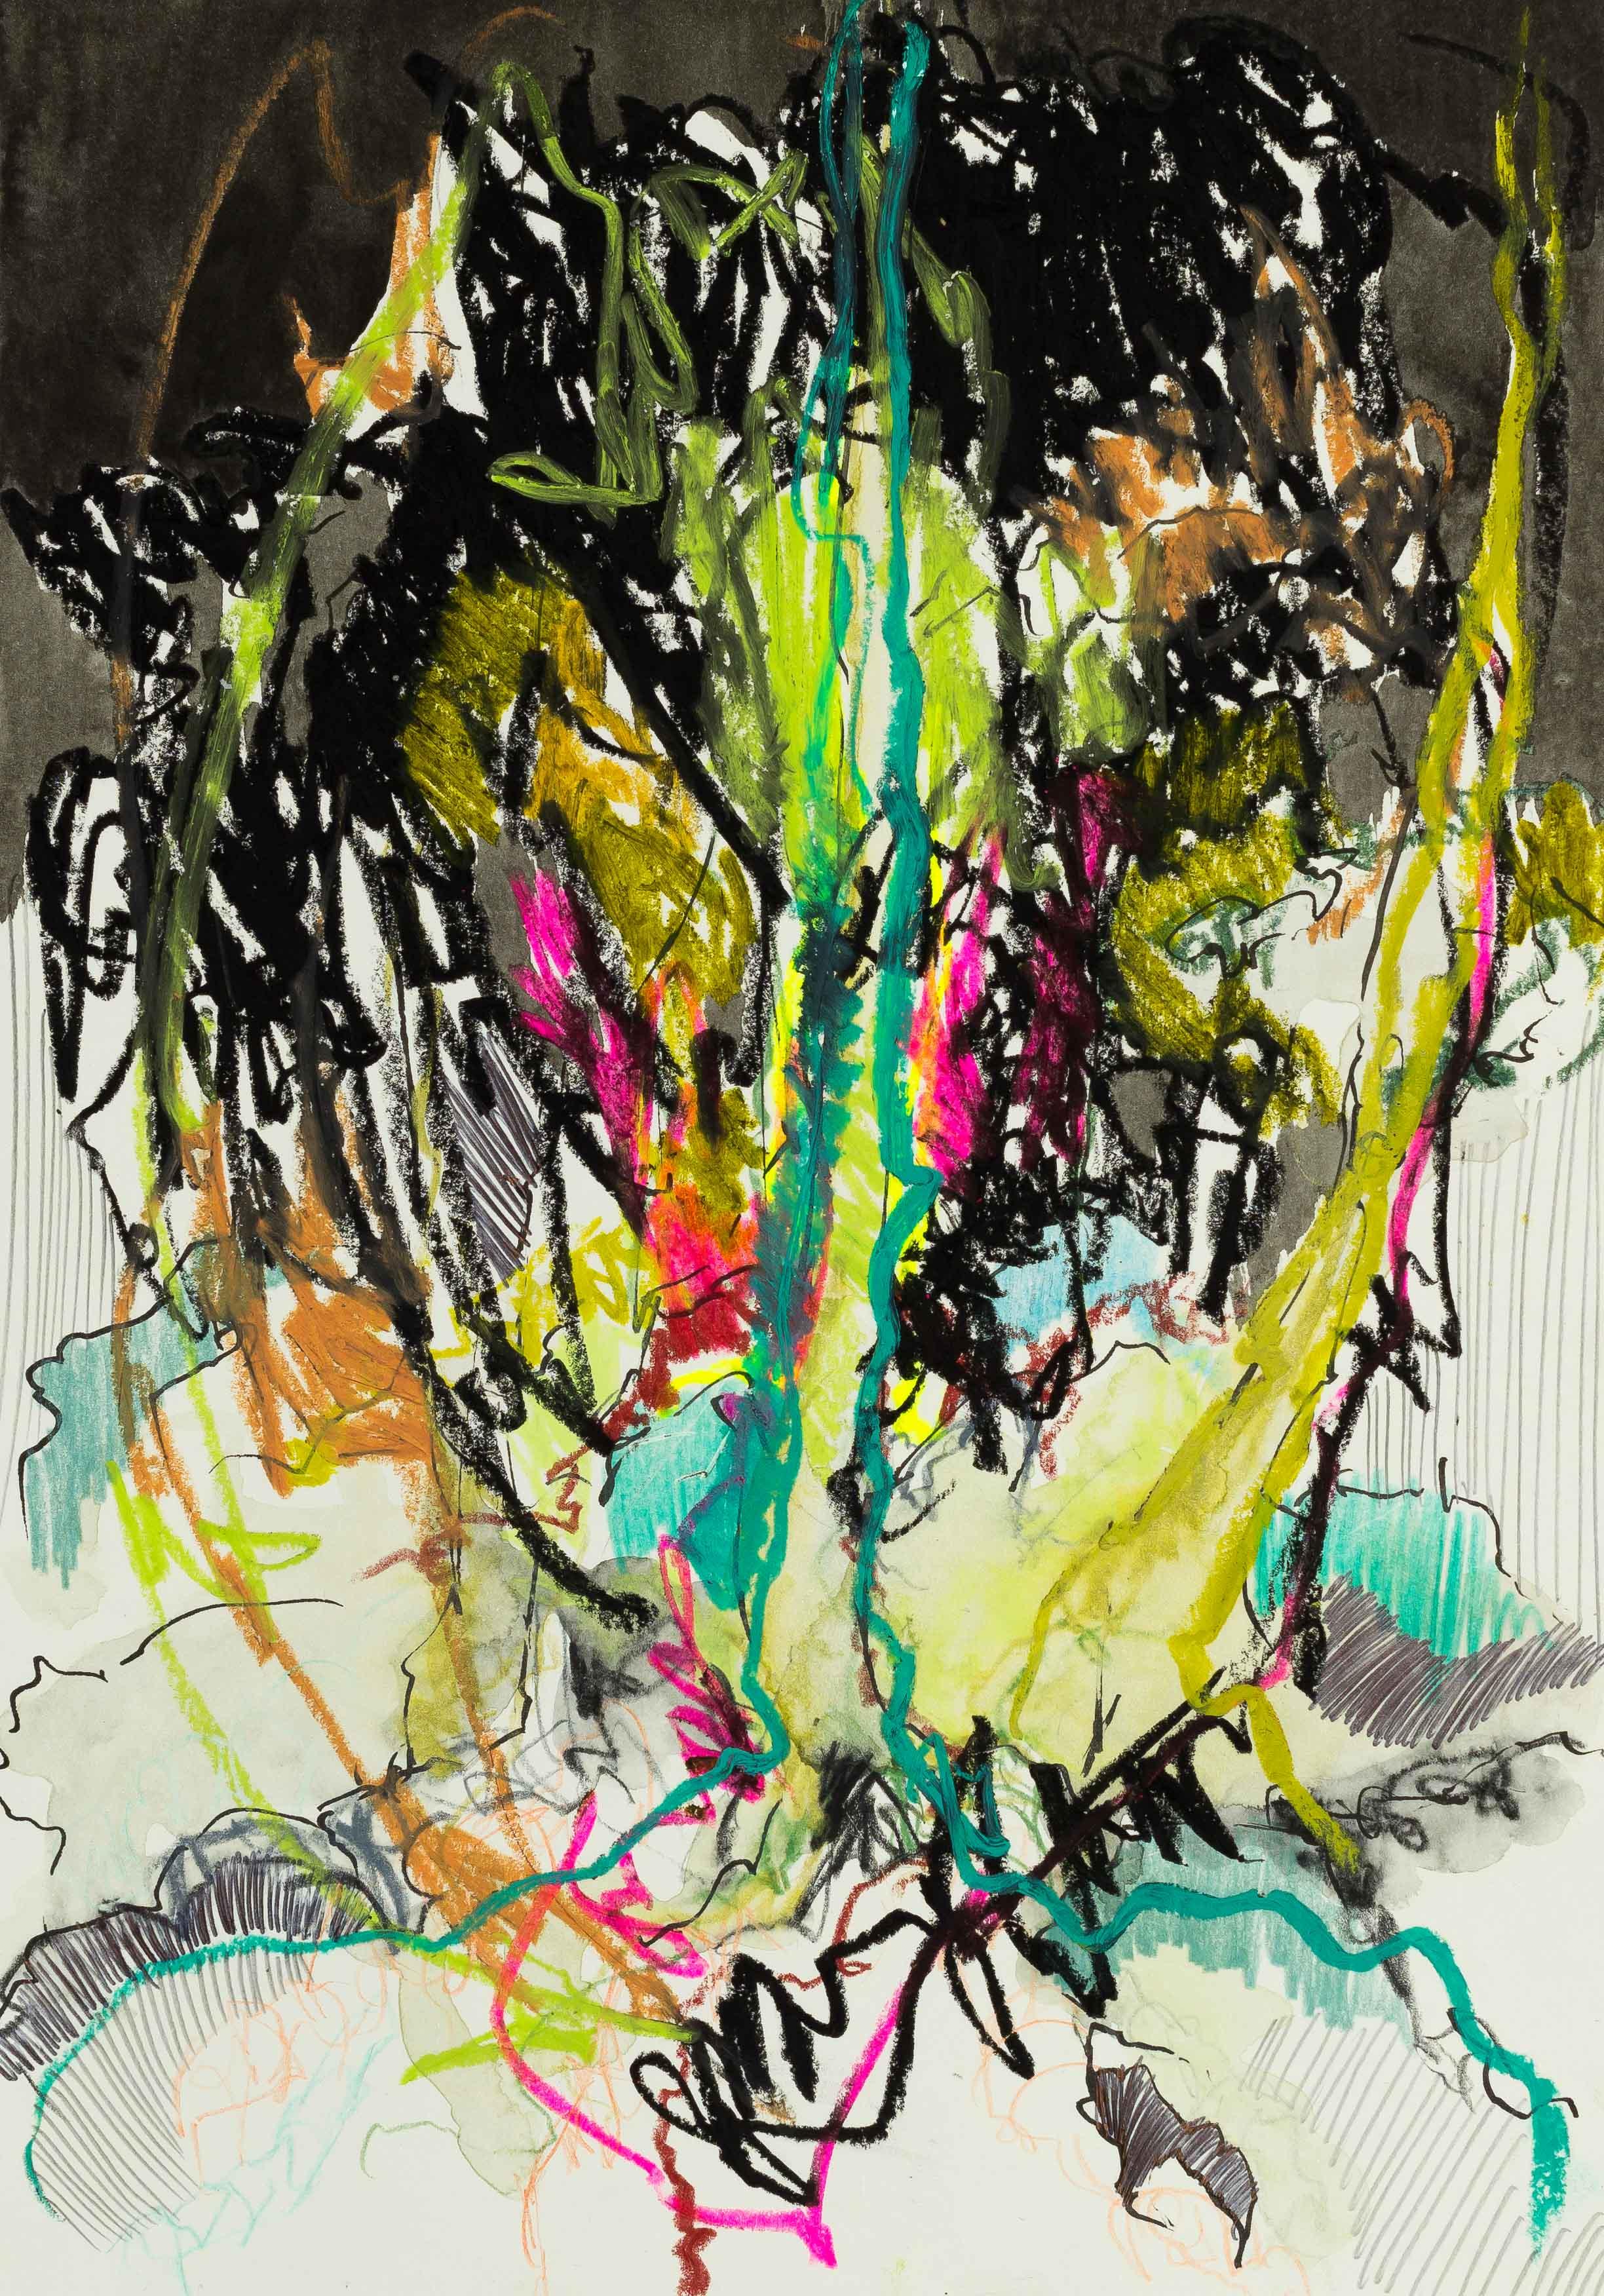 Katharina Albers, Wald XXXV, 2016, Ölkreide, Fineliner, Graphit, Buntstift, Aquarell auf Papier, 29,7x21 cm